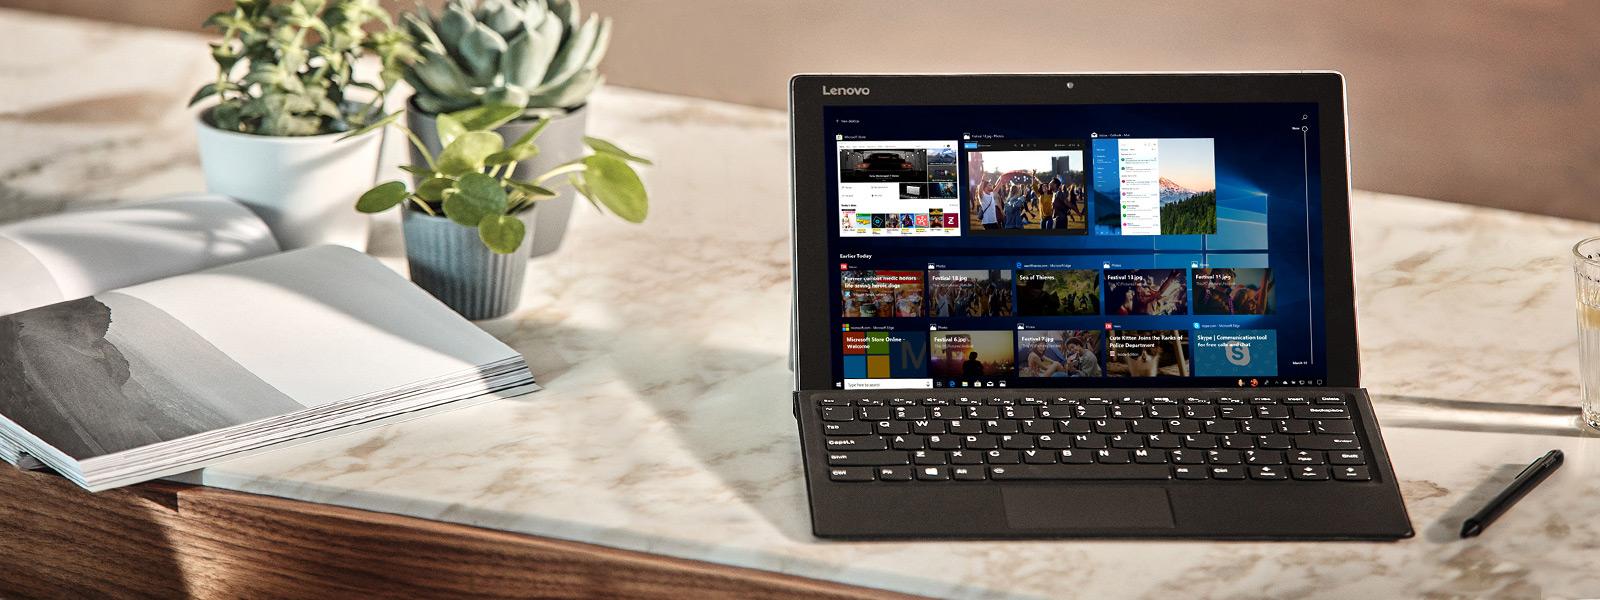 Οθόνη υπολογιστή παρουσιάζει δυνατότητες της ενημέρωσης Απριλίου 2018 των Windows 10